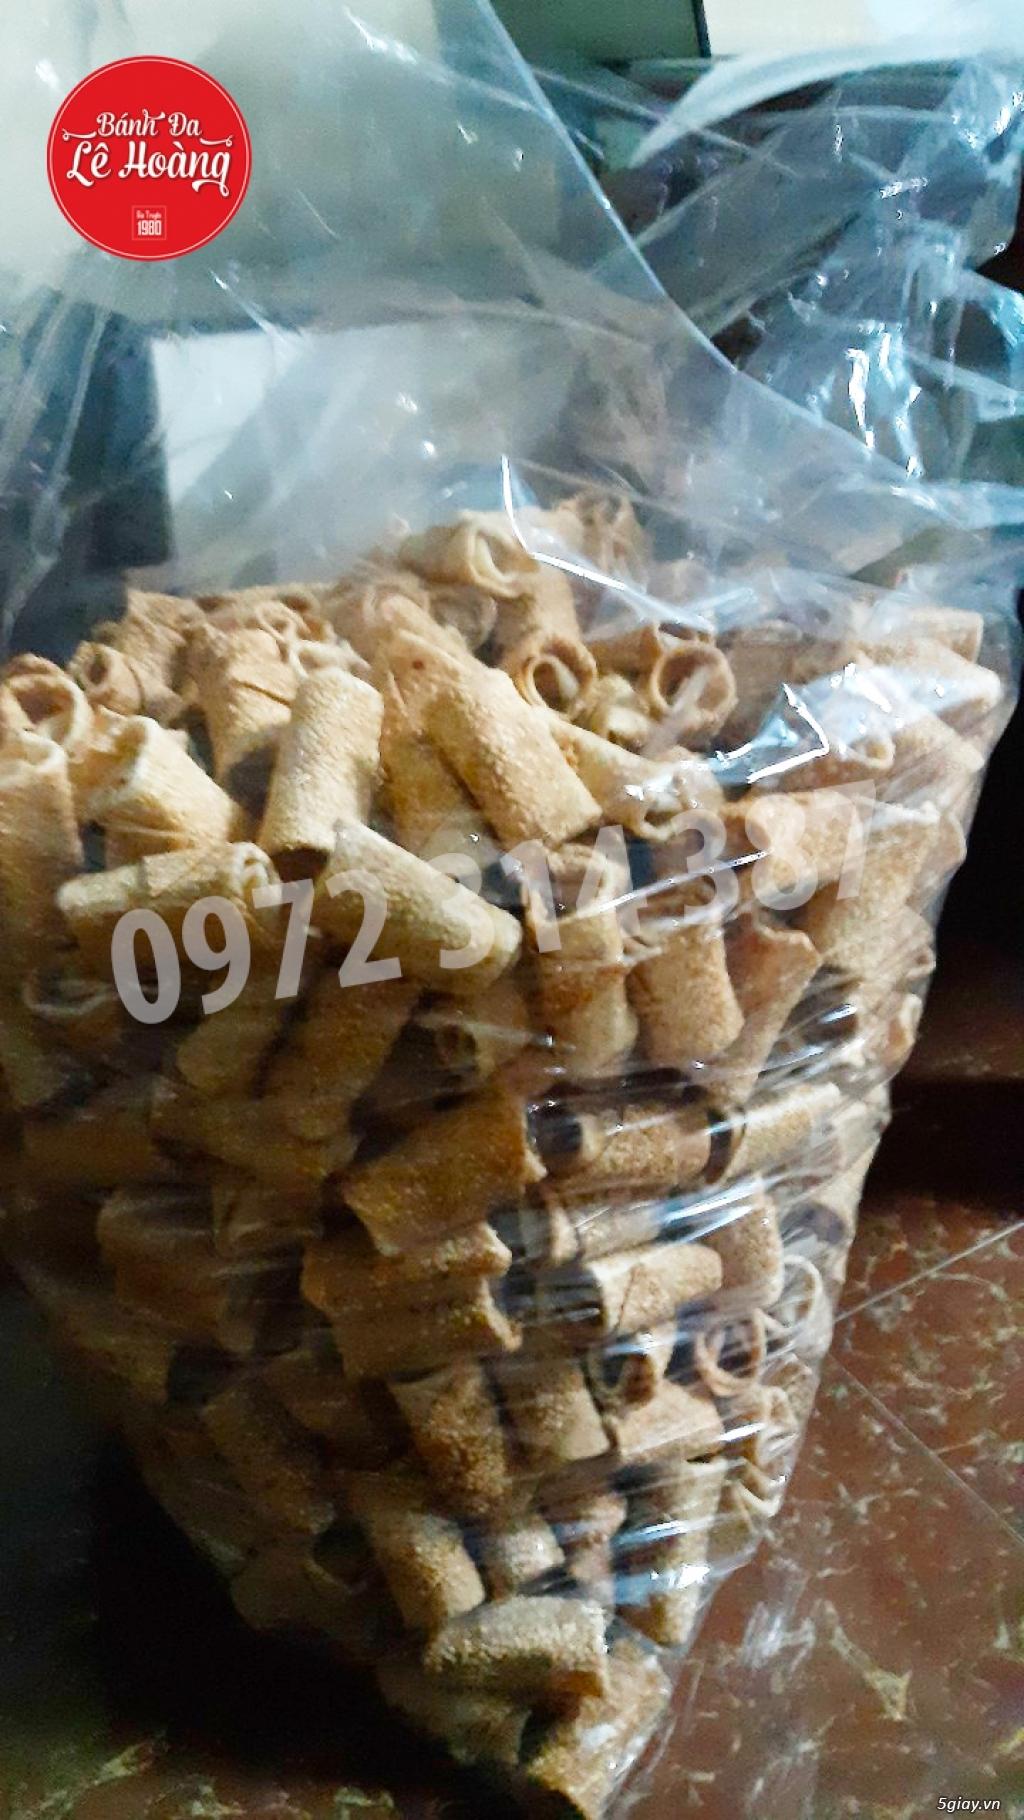 Bánh đa Ngọt - Mặn (Đặc sản Hố Nai) - 8